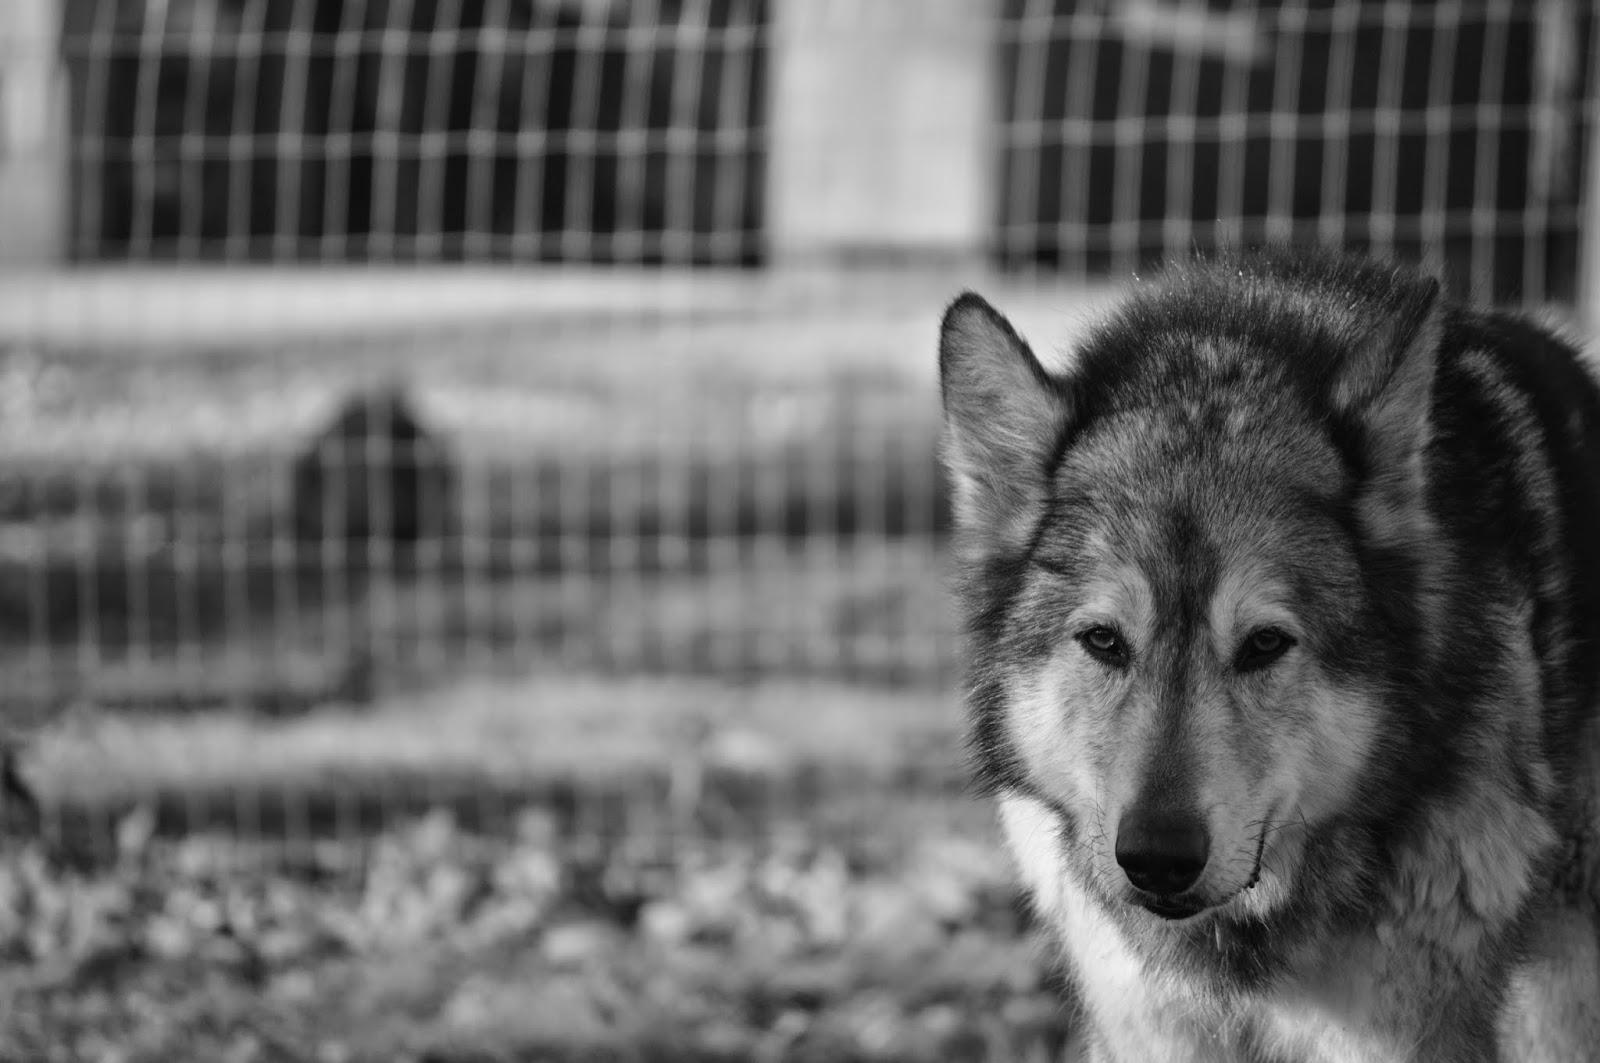 wolf malamute mix